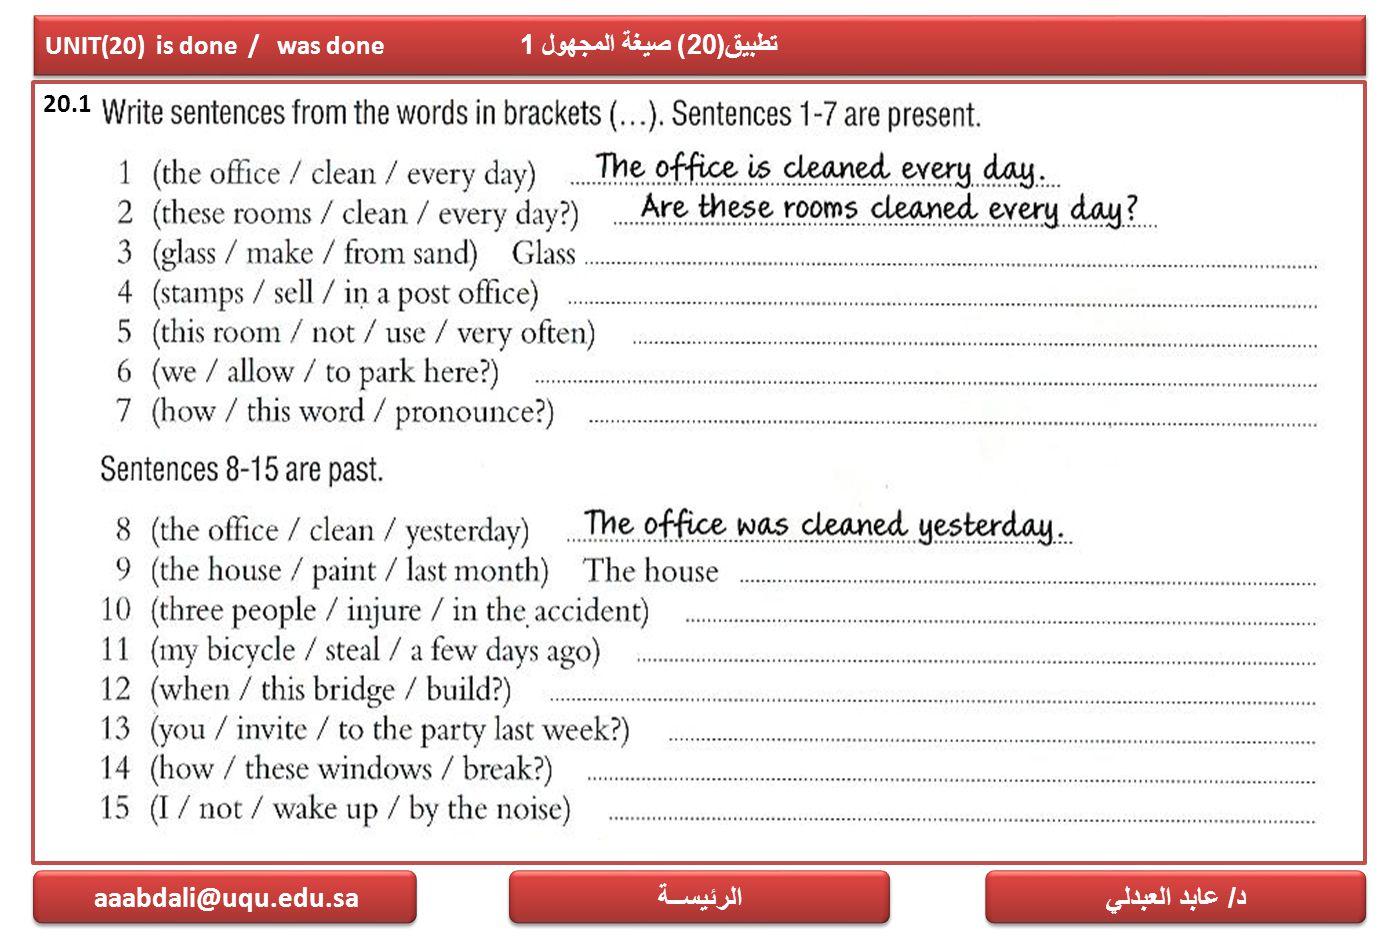 UNIT(20) is done / was done تطبيق (20) صيغة المجهول 1 20.1 د / عابد العبدلي aaabdali@uqu.edu.sa الرئيســة